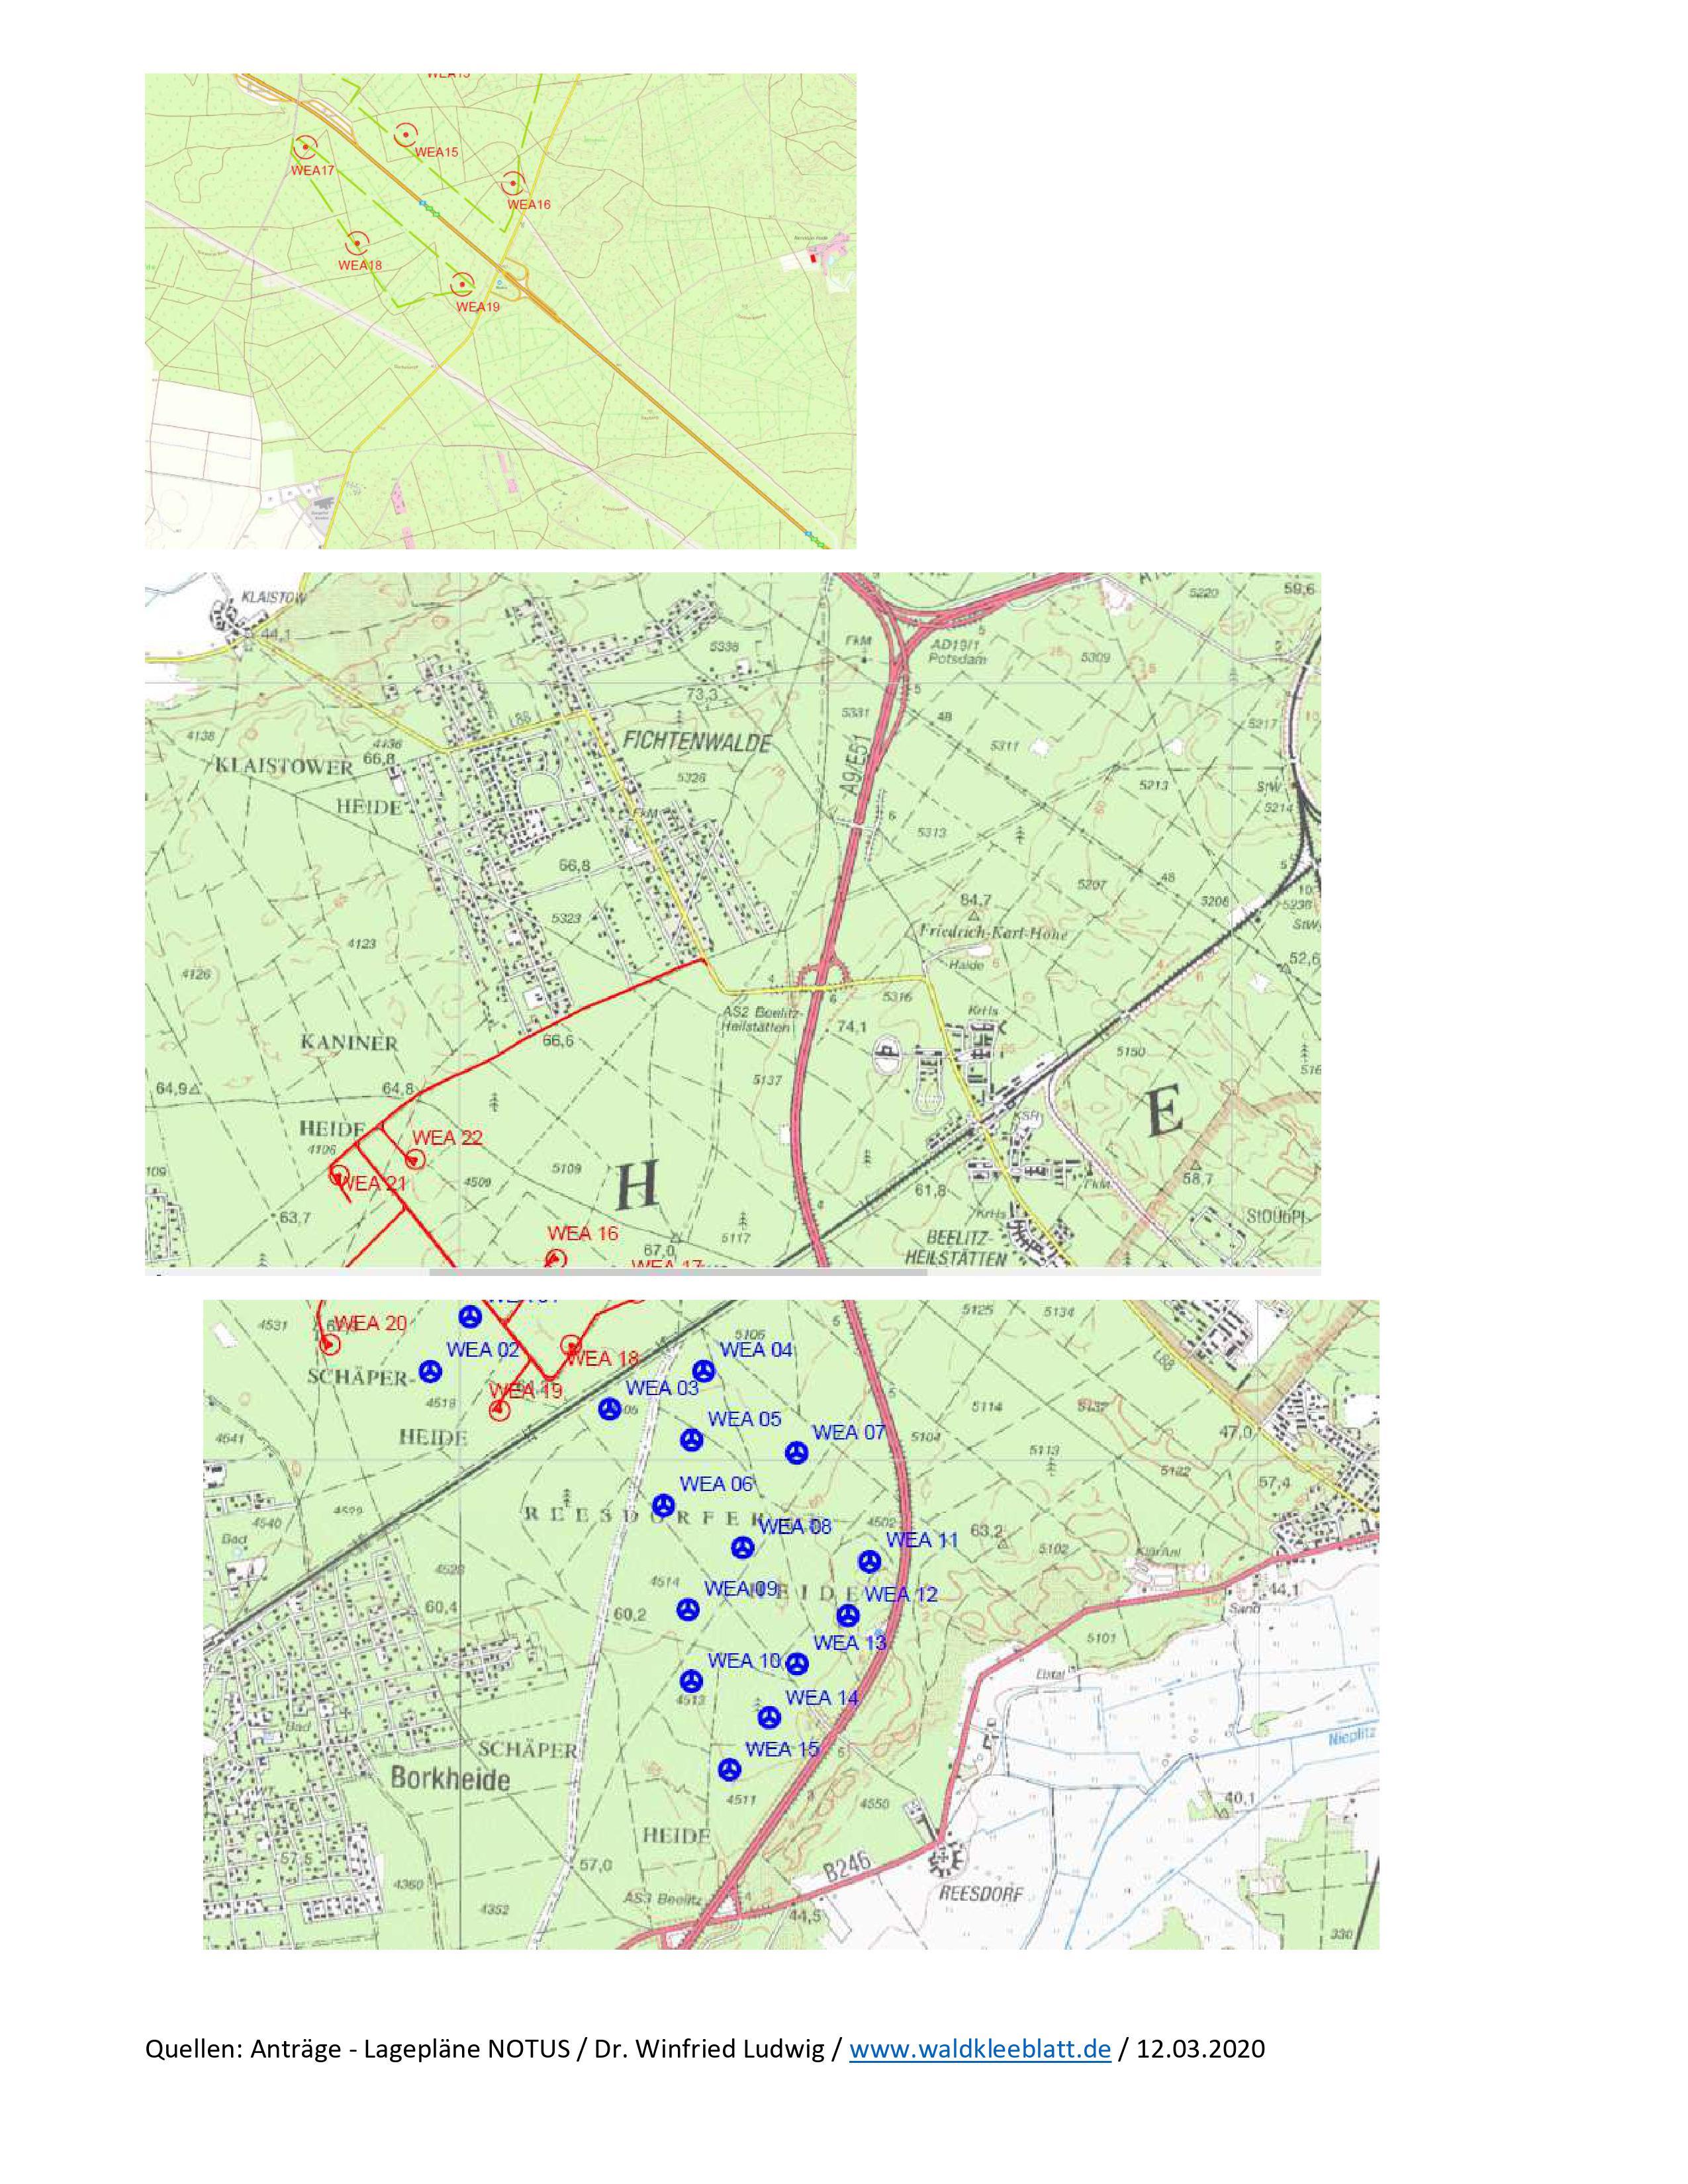 Fichtenwalde bald von Windenergieanlagen (WEA) umstellt? Und wieder mitten im Wald geplant!